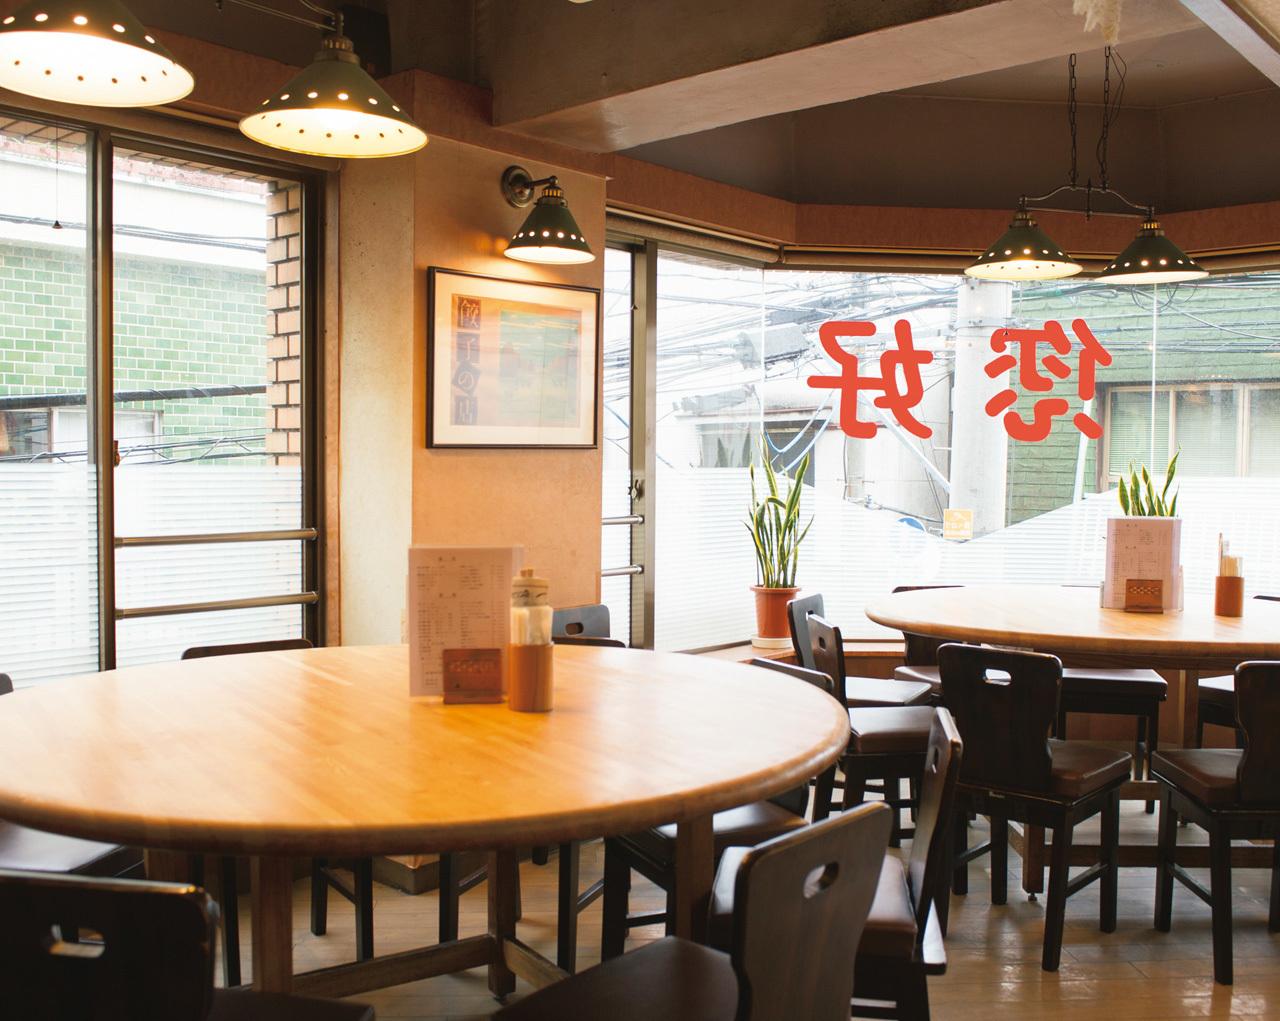 オープン35年目 名店の香ばしい揚げ餃子に感動! 幡ヶ谷 您好(ニイハオ)_1_2-2